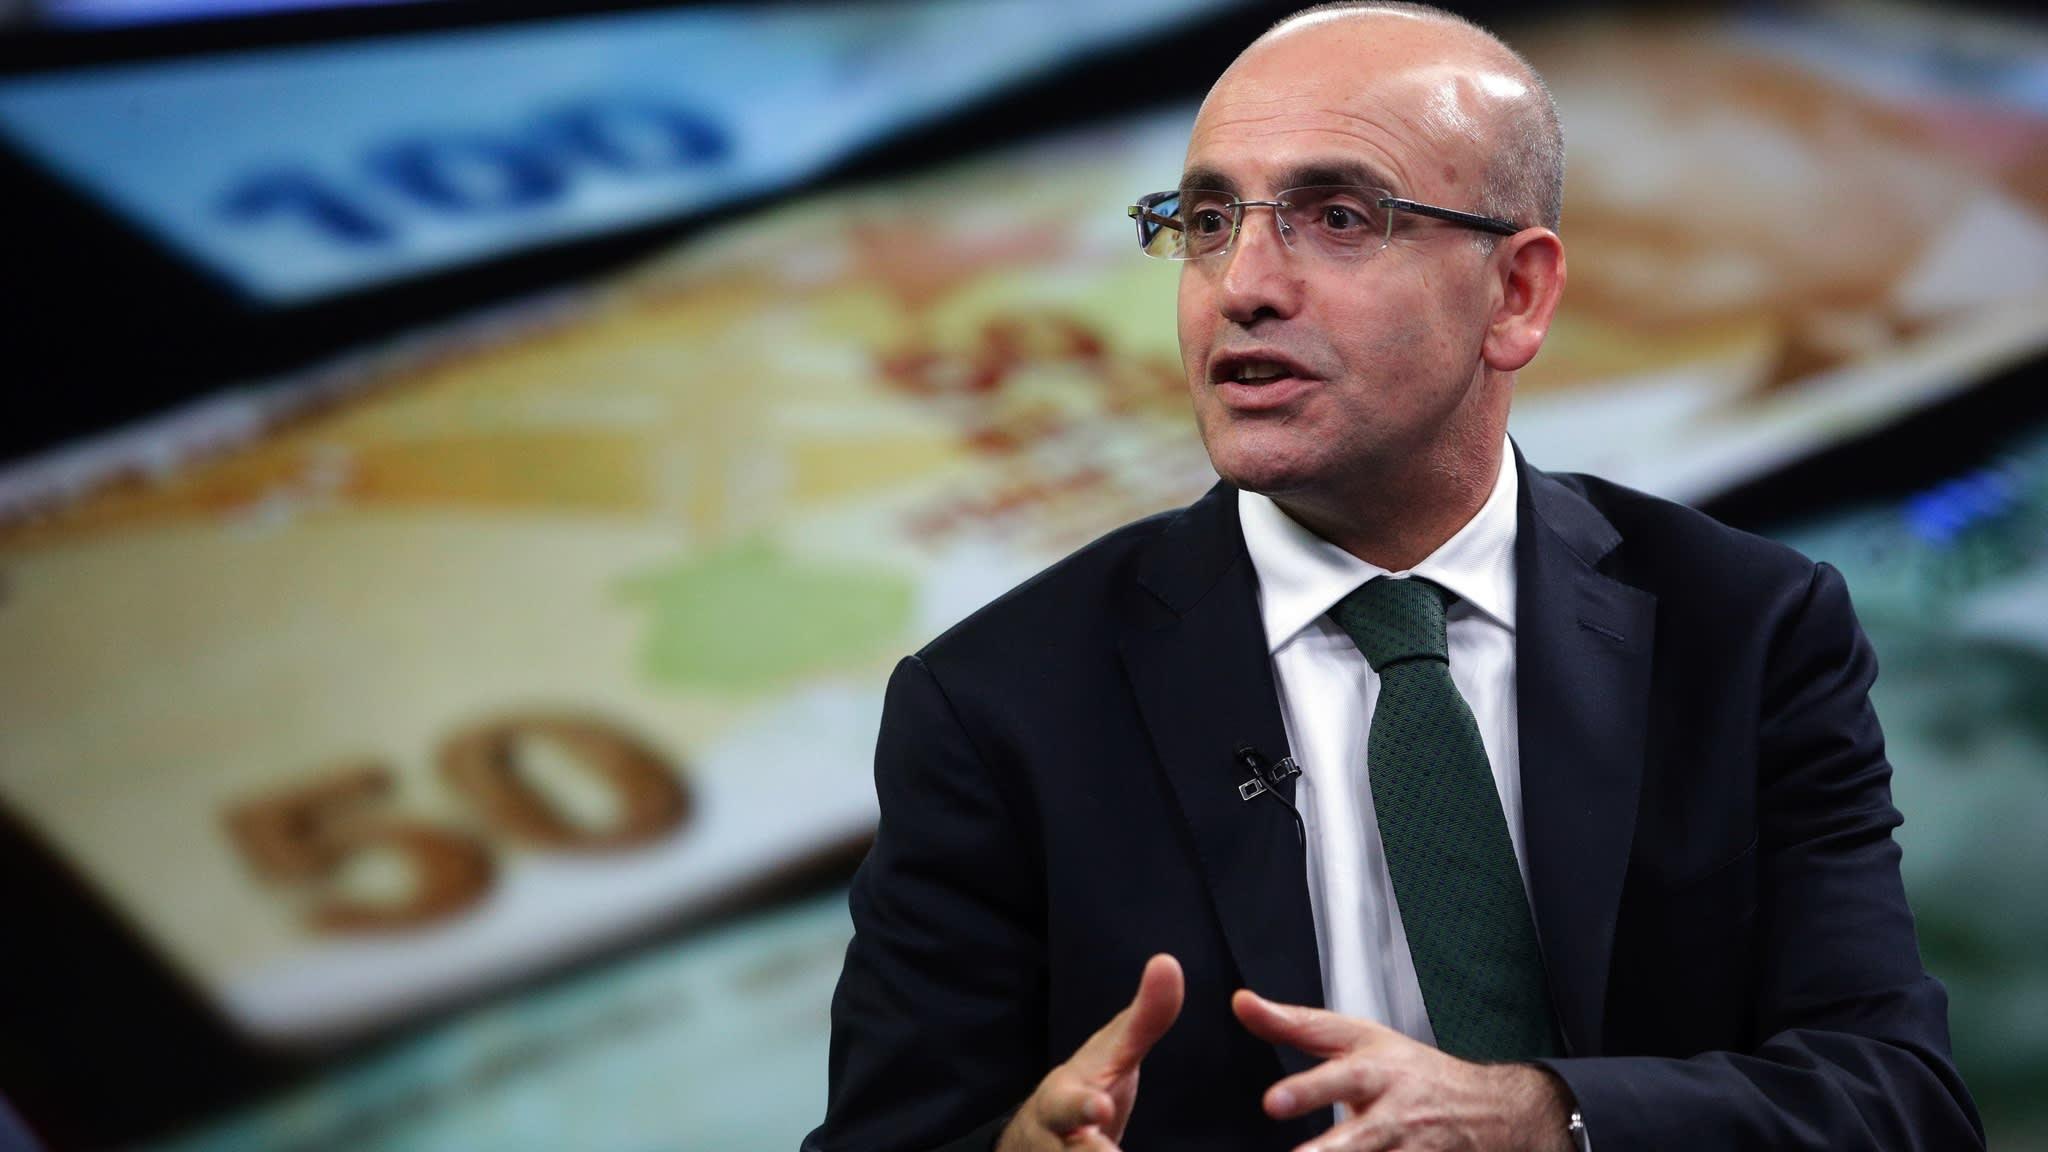 Simsek bids farewell, leaving gap for Turkey investors